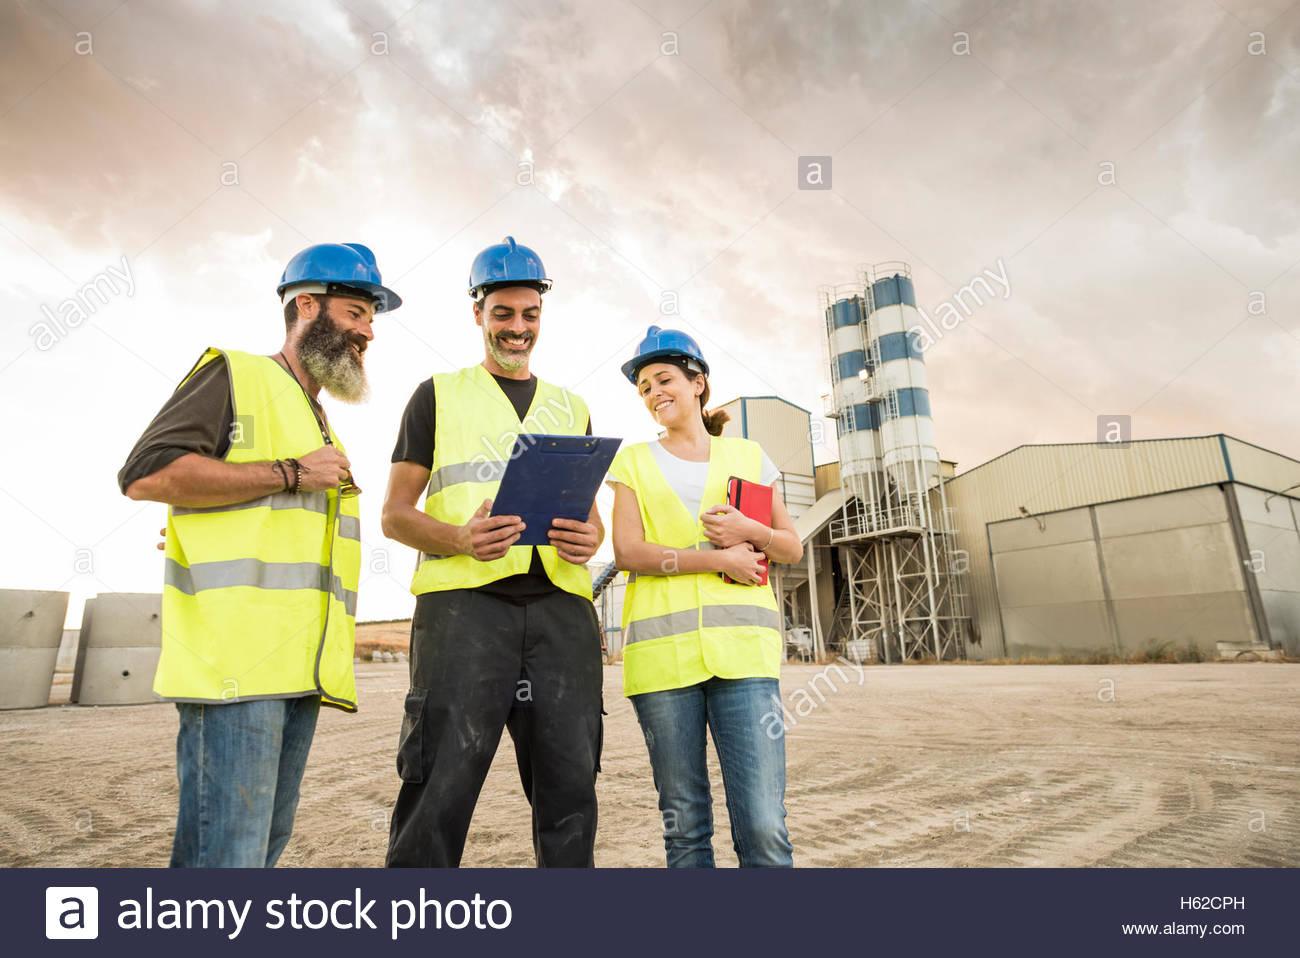 Tre persone in giubbotti di sicurezza sul sito industriale Immagini Stock